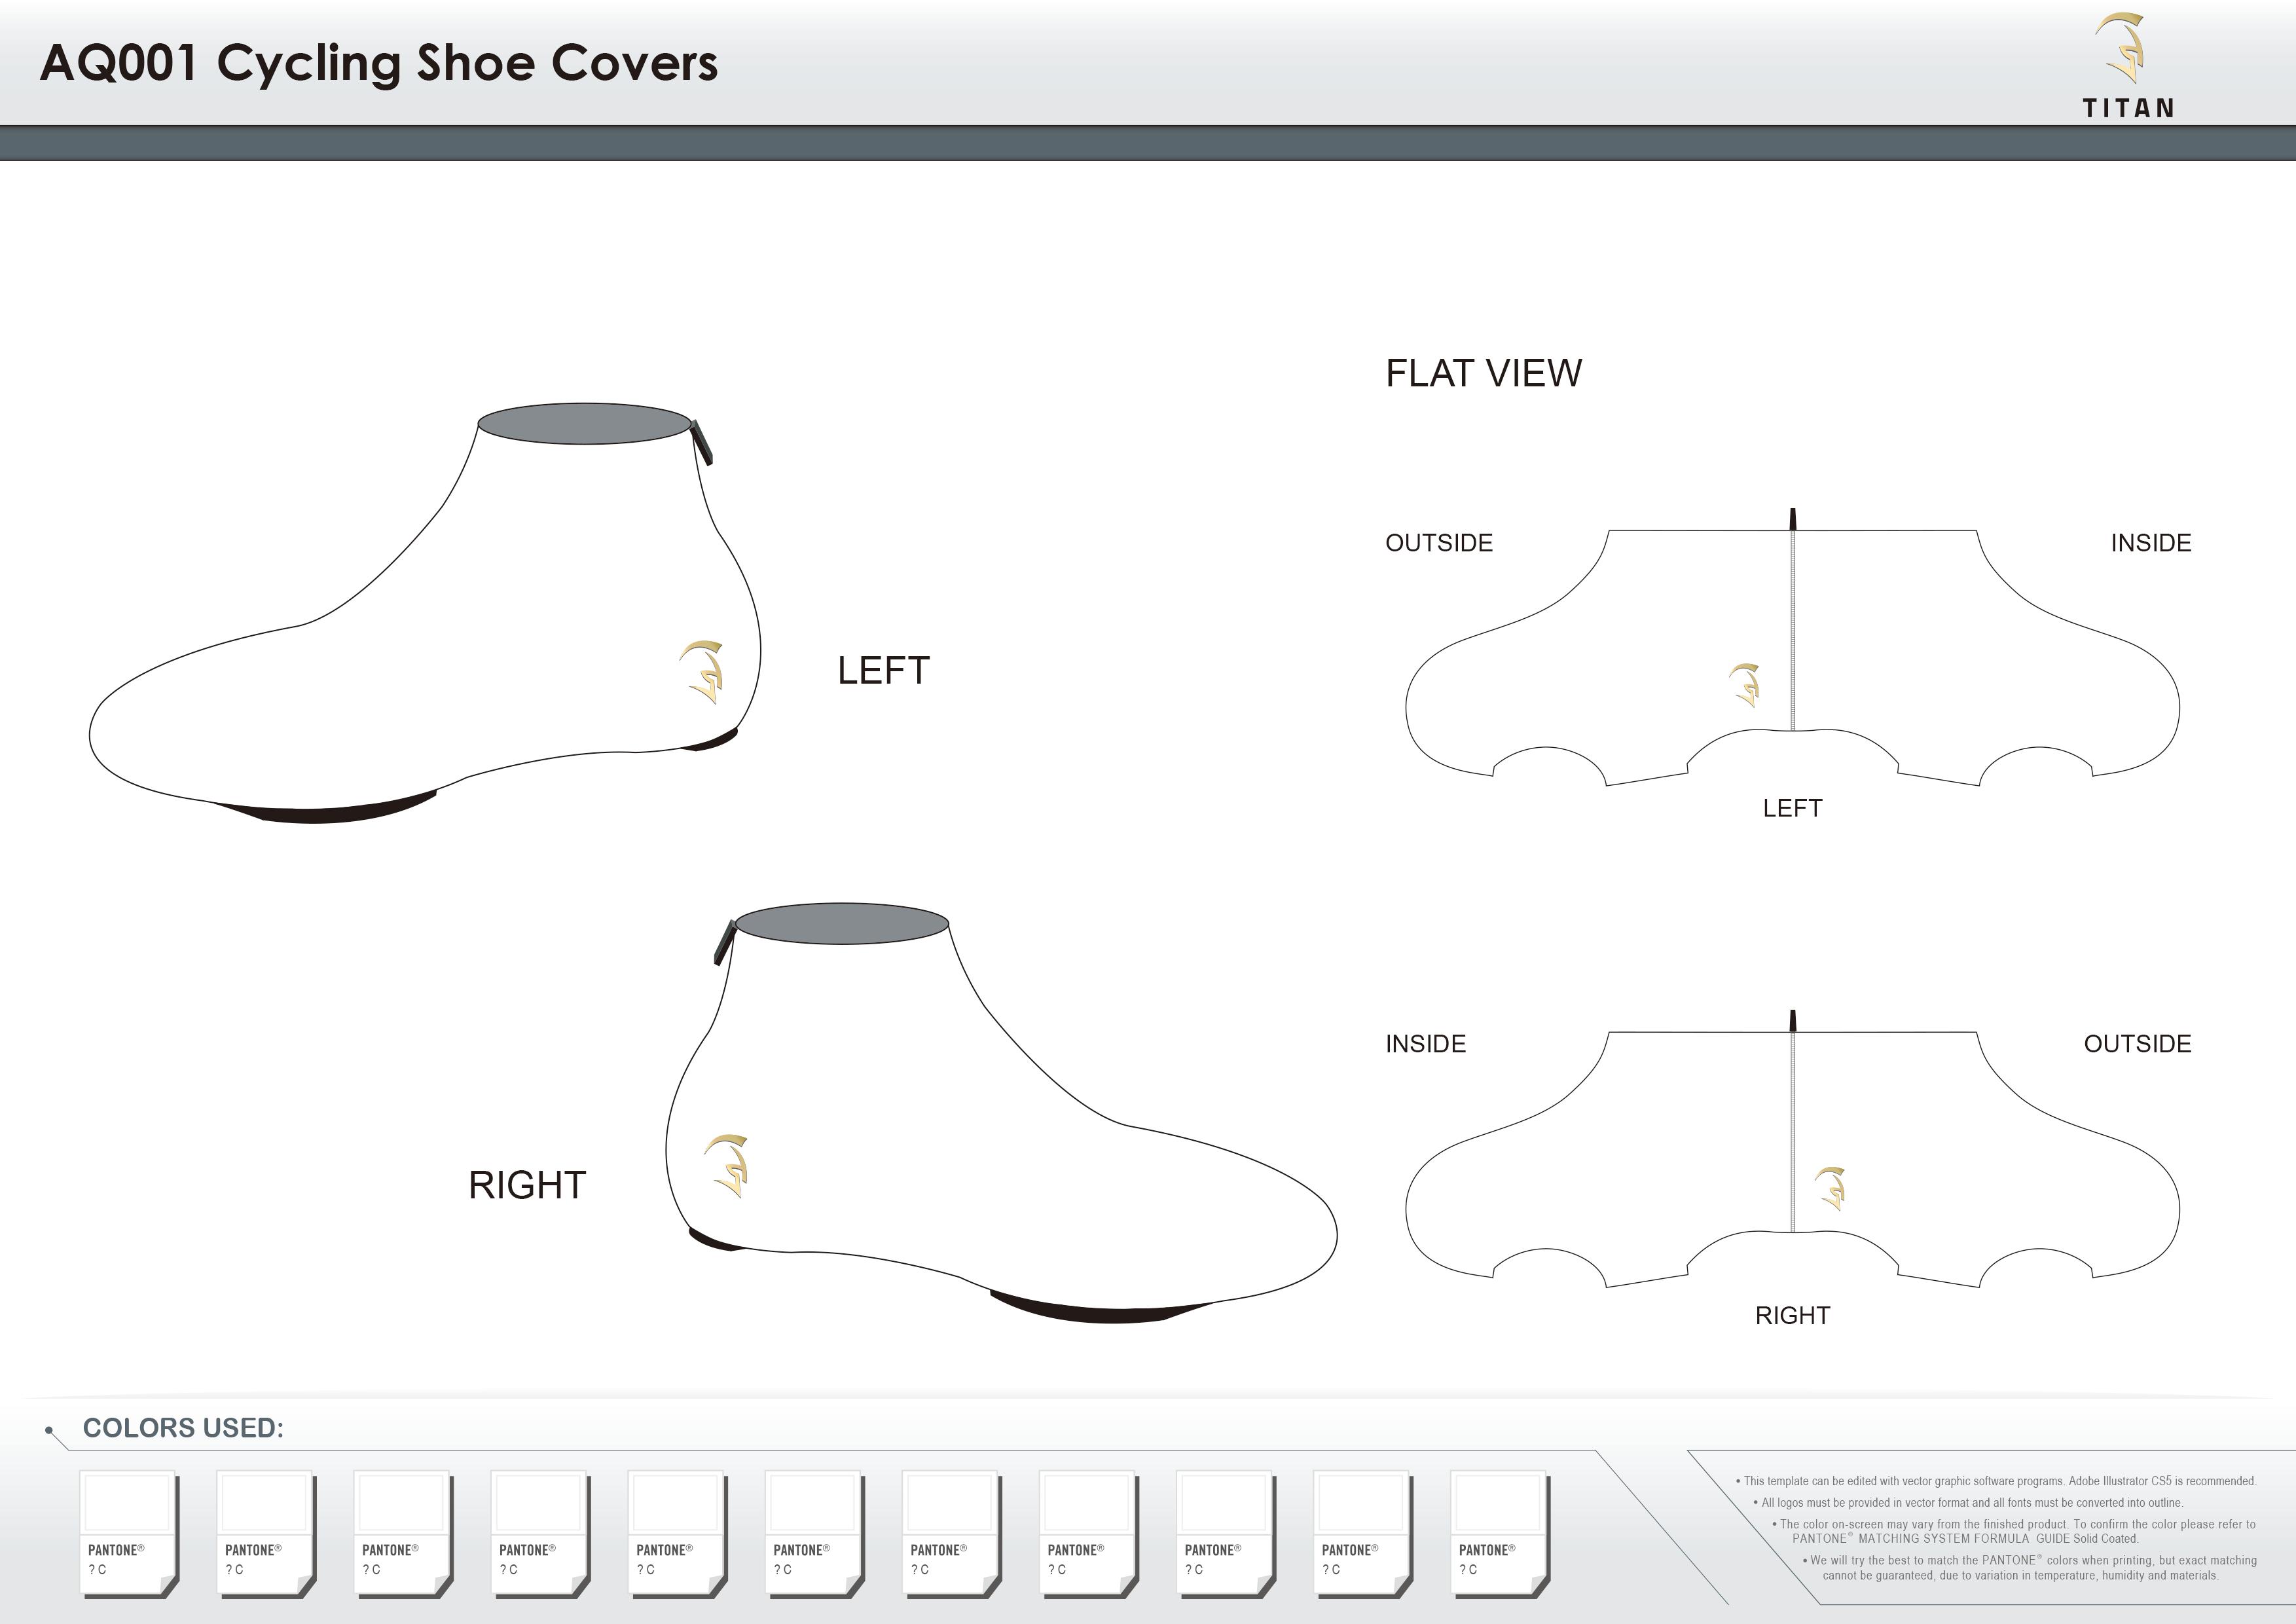 AQ001 Cycling Shoe Covers